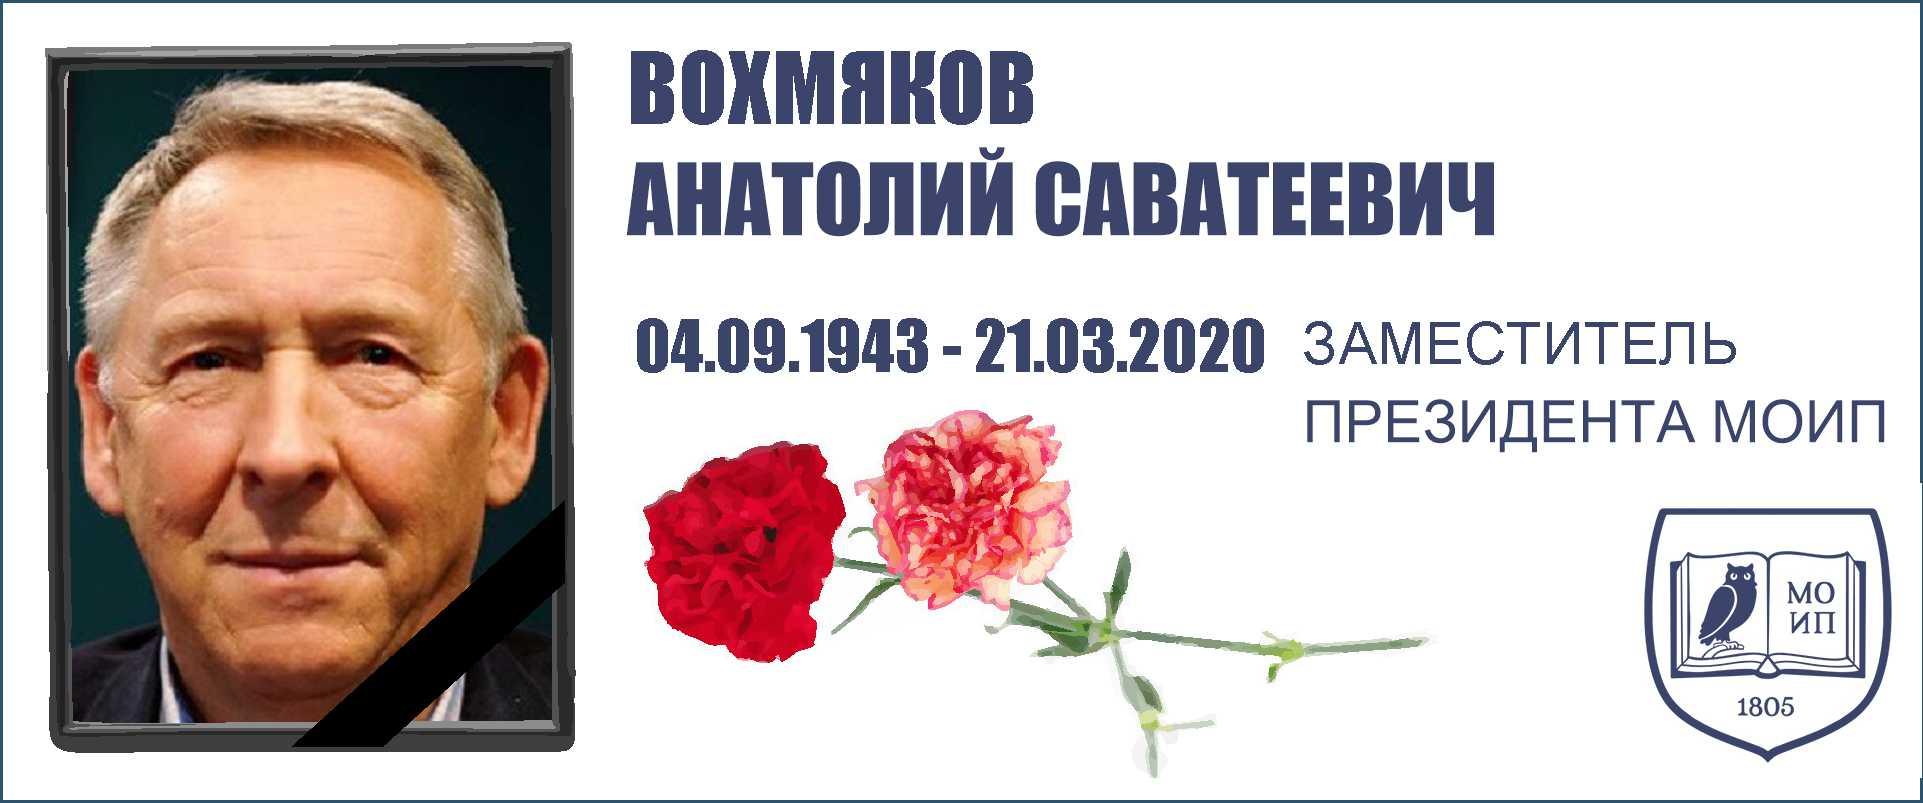 АНАТОЛИЙ САВАТЕЕВИЧ ВОХМЯКОВ (1943-2020)